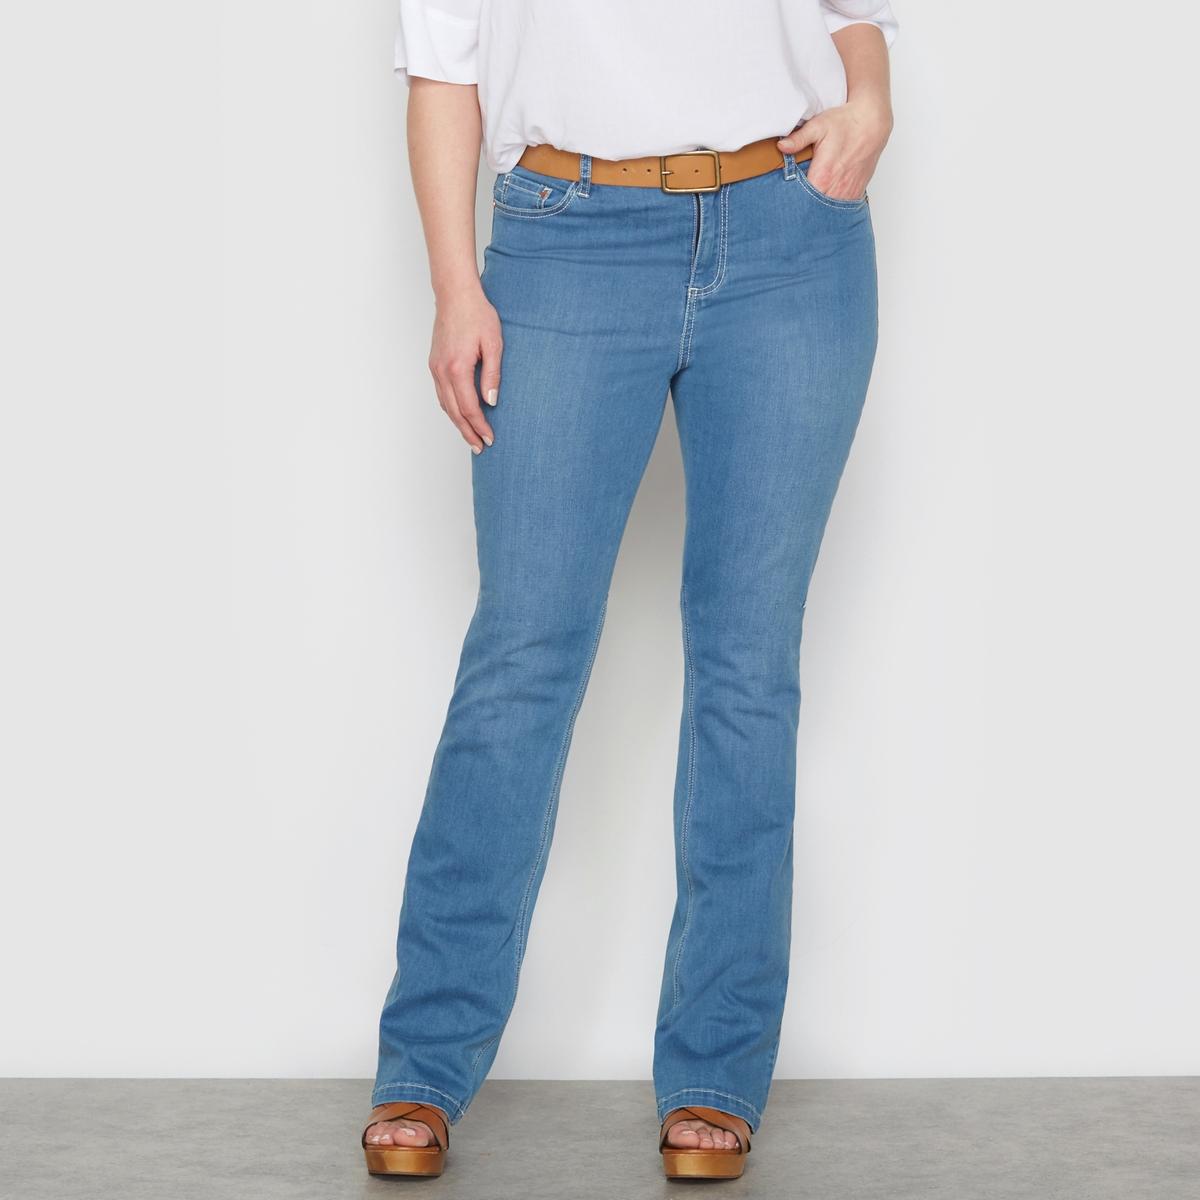 Джинсы стретч бойфренд, дина по внутр.шву ок. 70см. джинсы